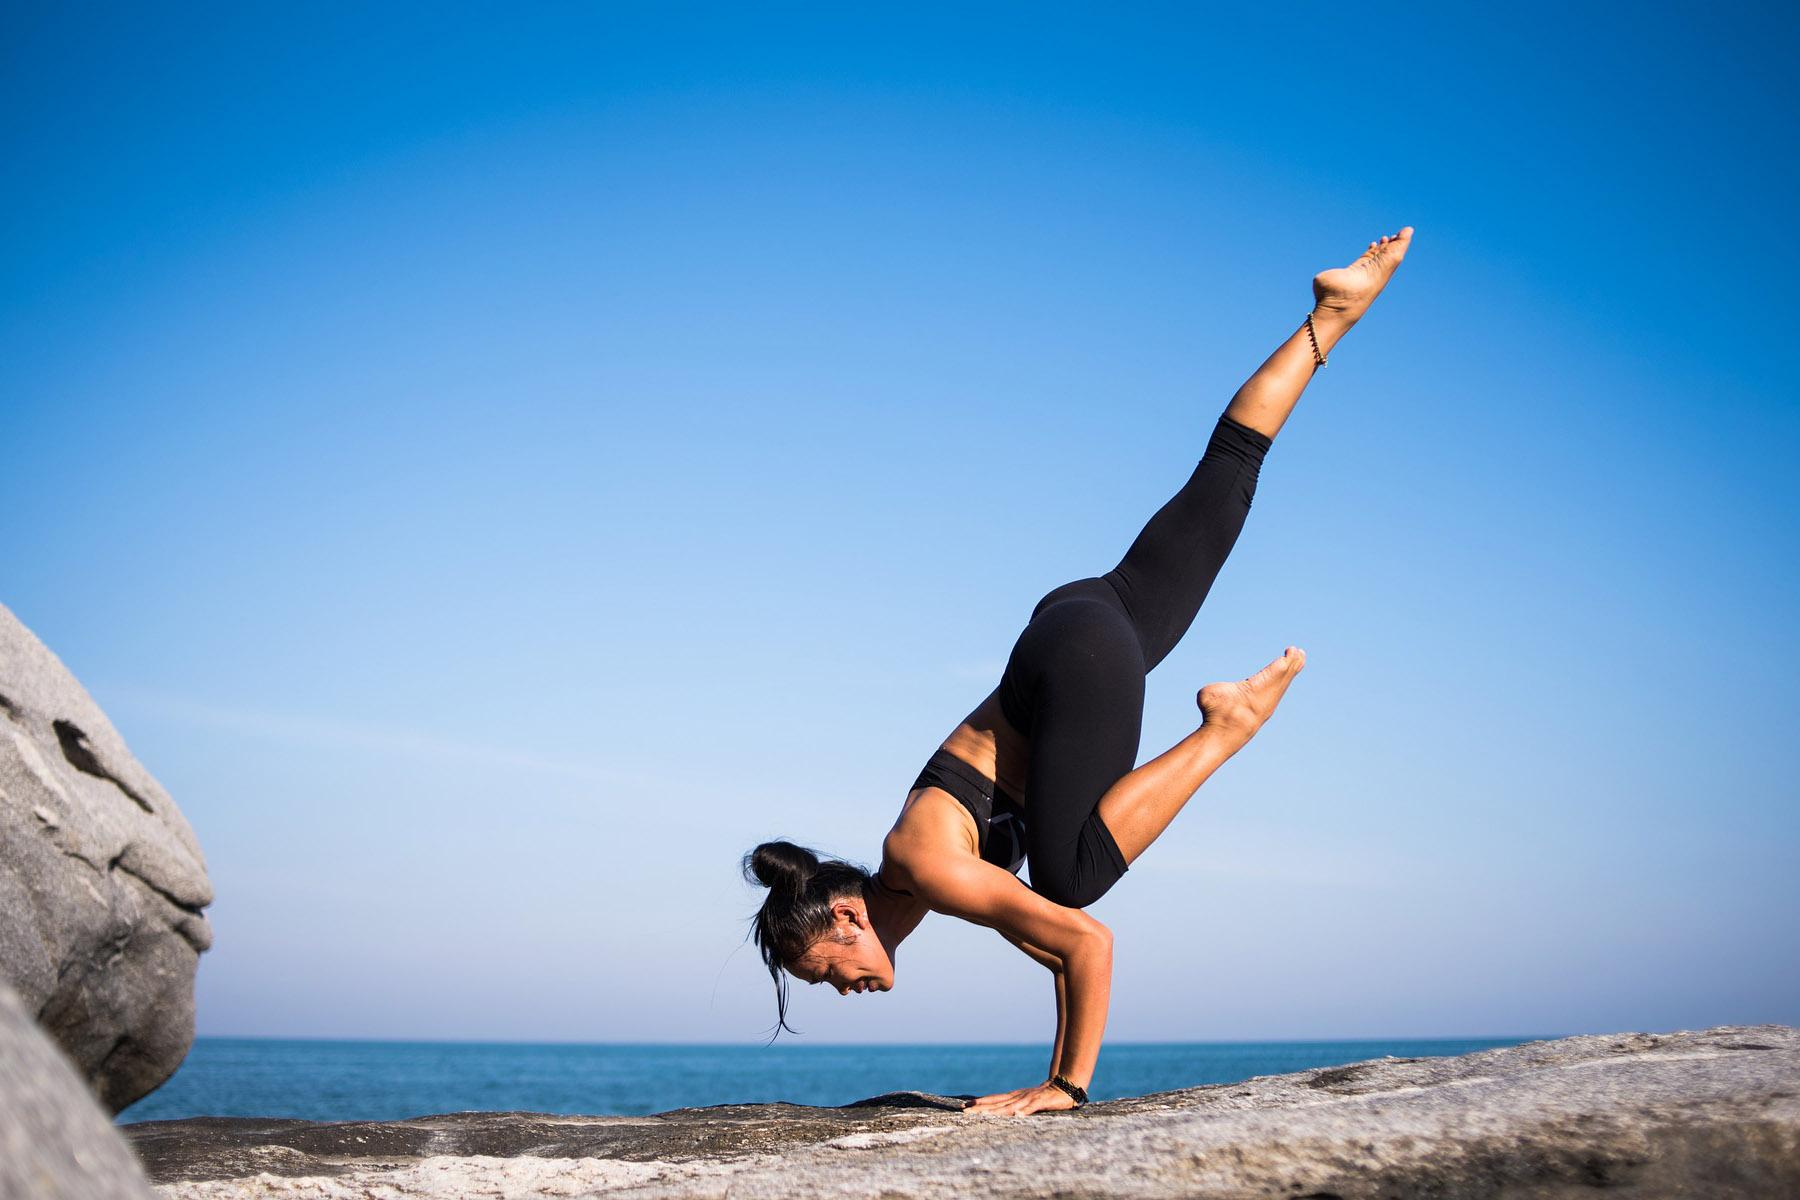 全球目前有1.1万种瑜伽裤在卖!它是怎么火起来的?